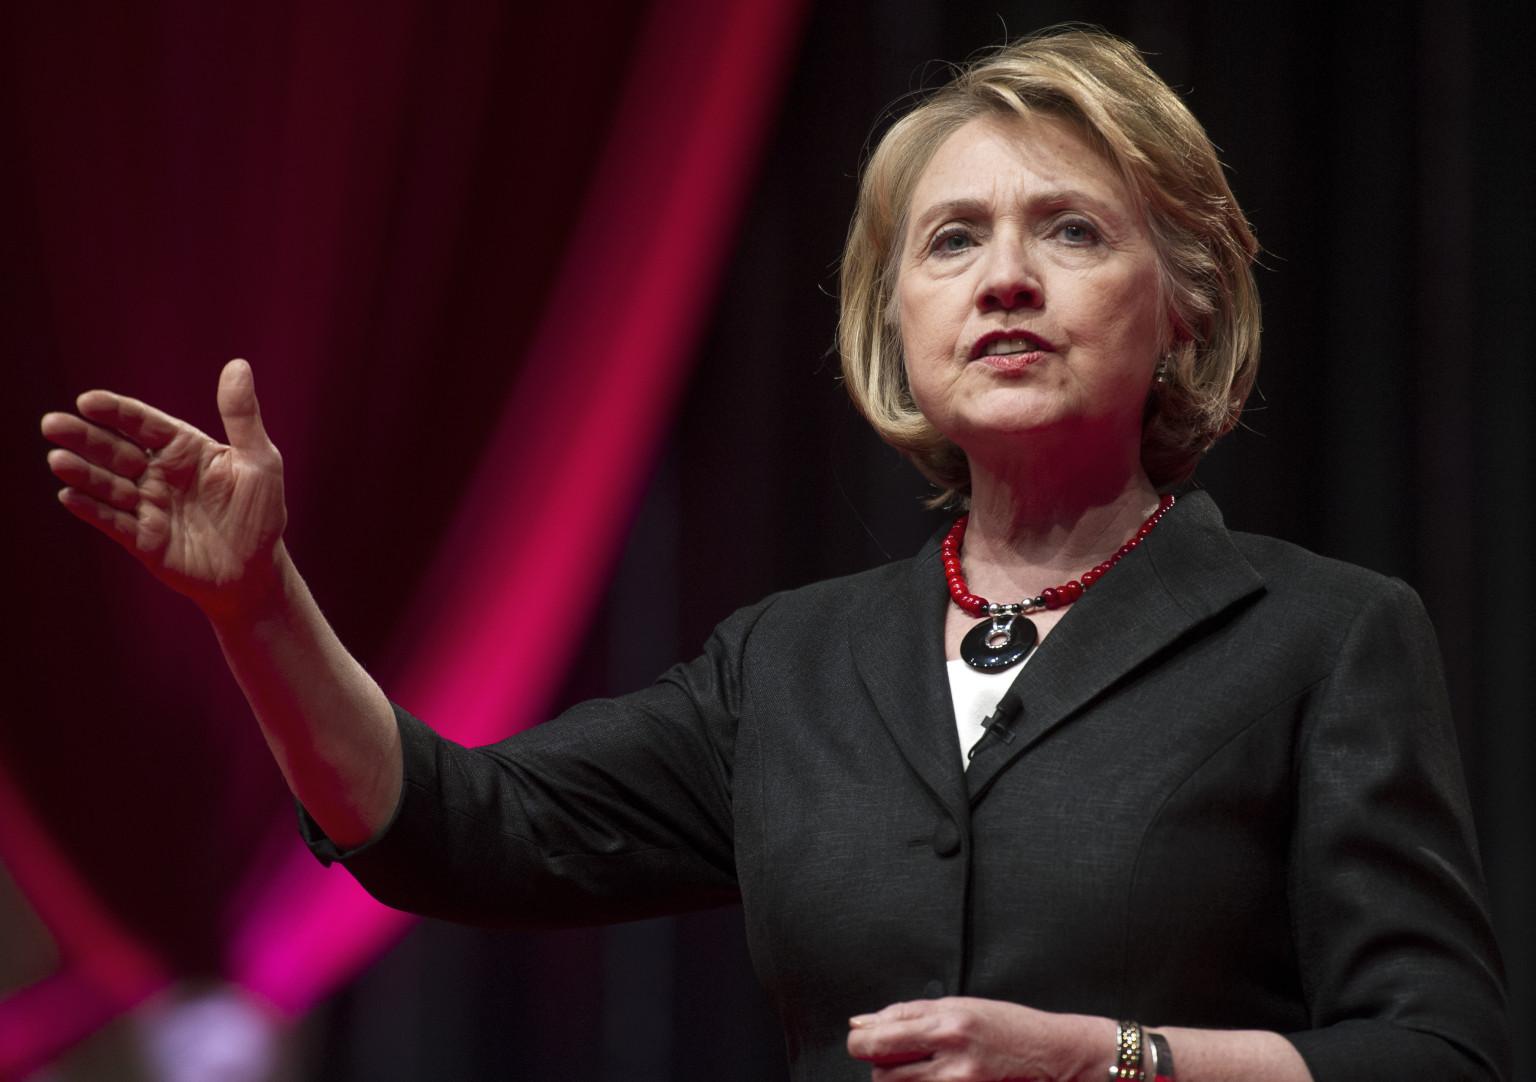 Chi è Hillary Clinton candidata presidenza Stati Uniti